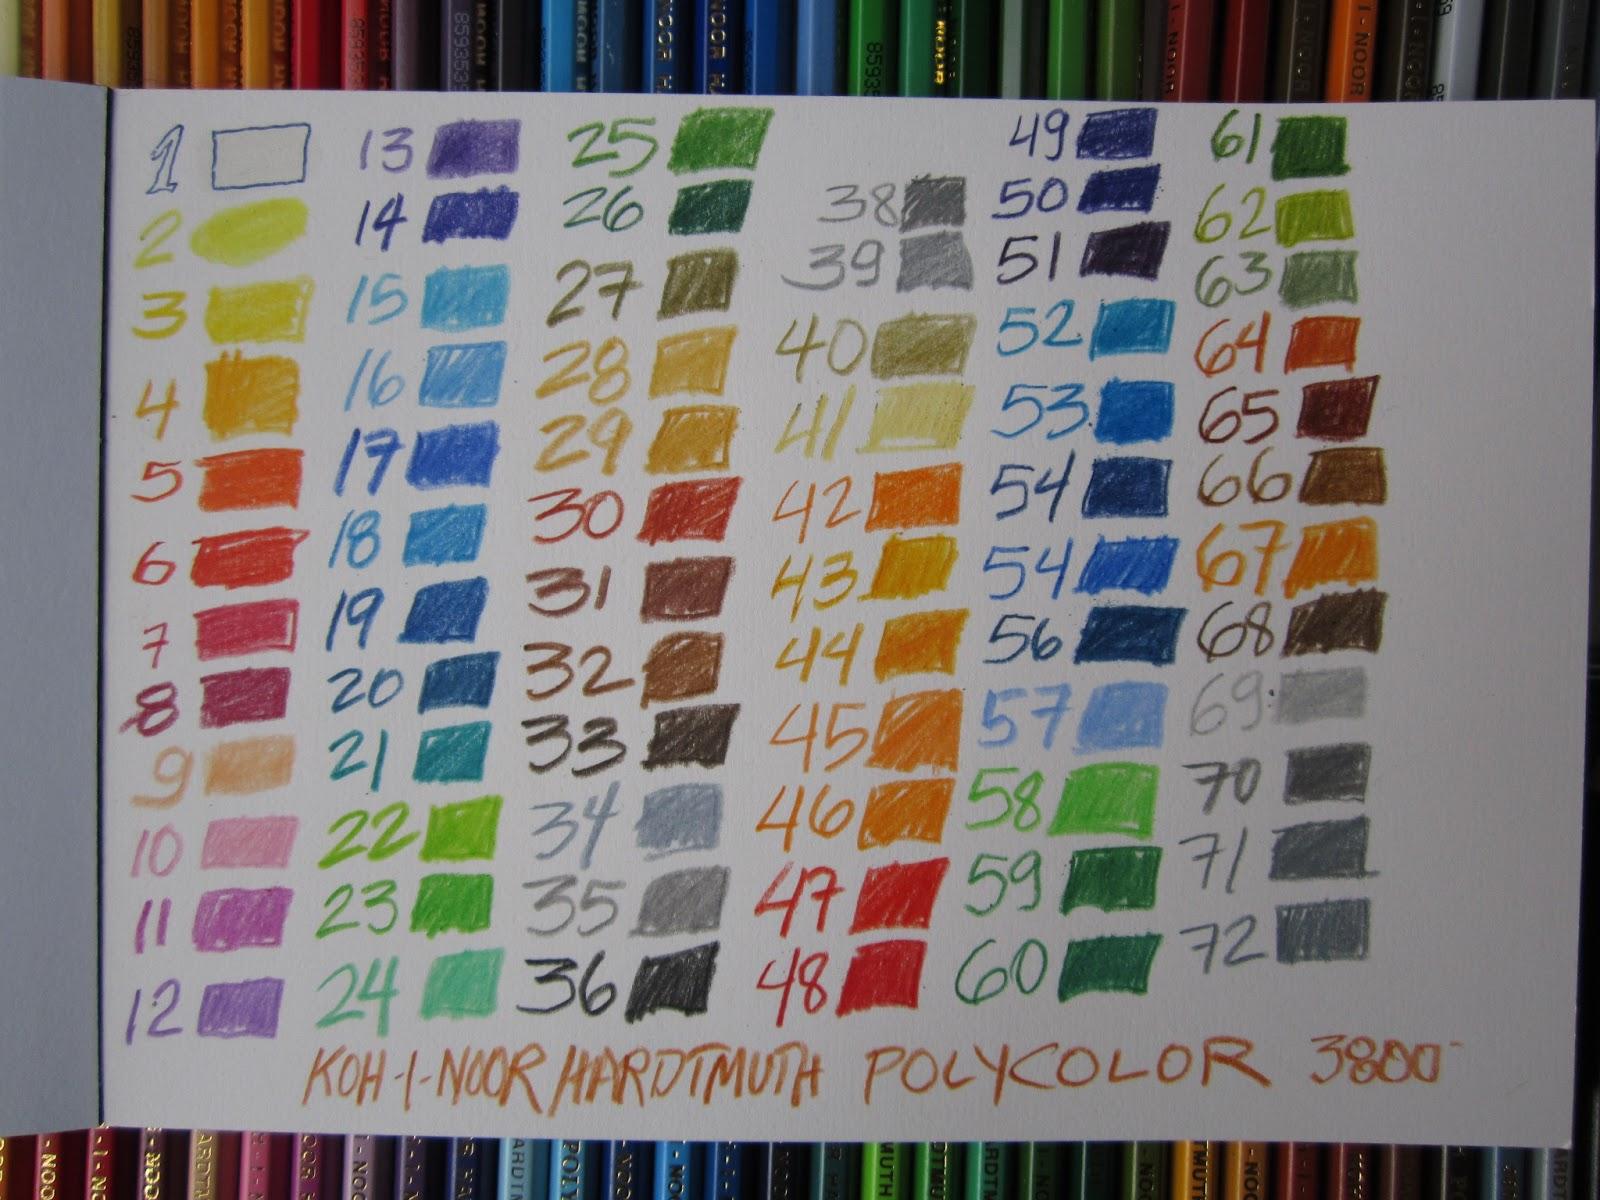 http://1.bp.blogspot.com/-RRC9nvM5jYM/UVhNGosp5OI/AAAAAAAAAlo/dCF7k8WCrjI/s1600/color+chart.JPG